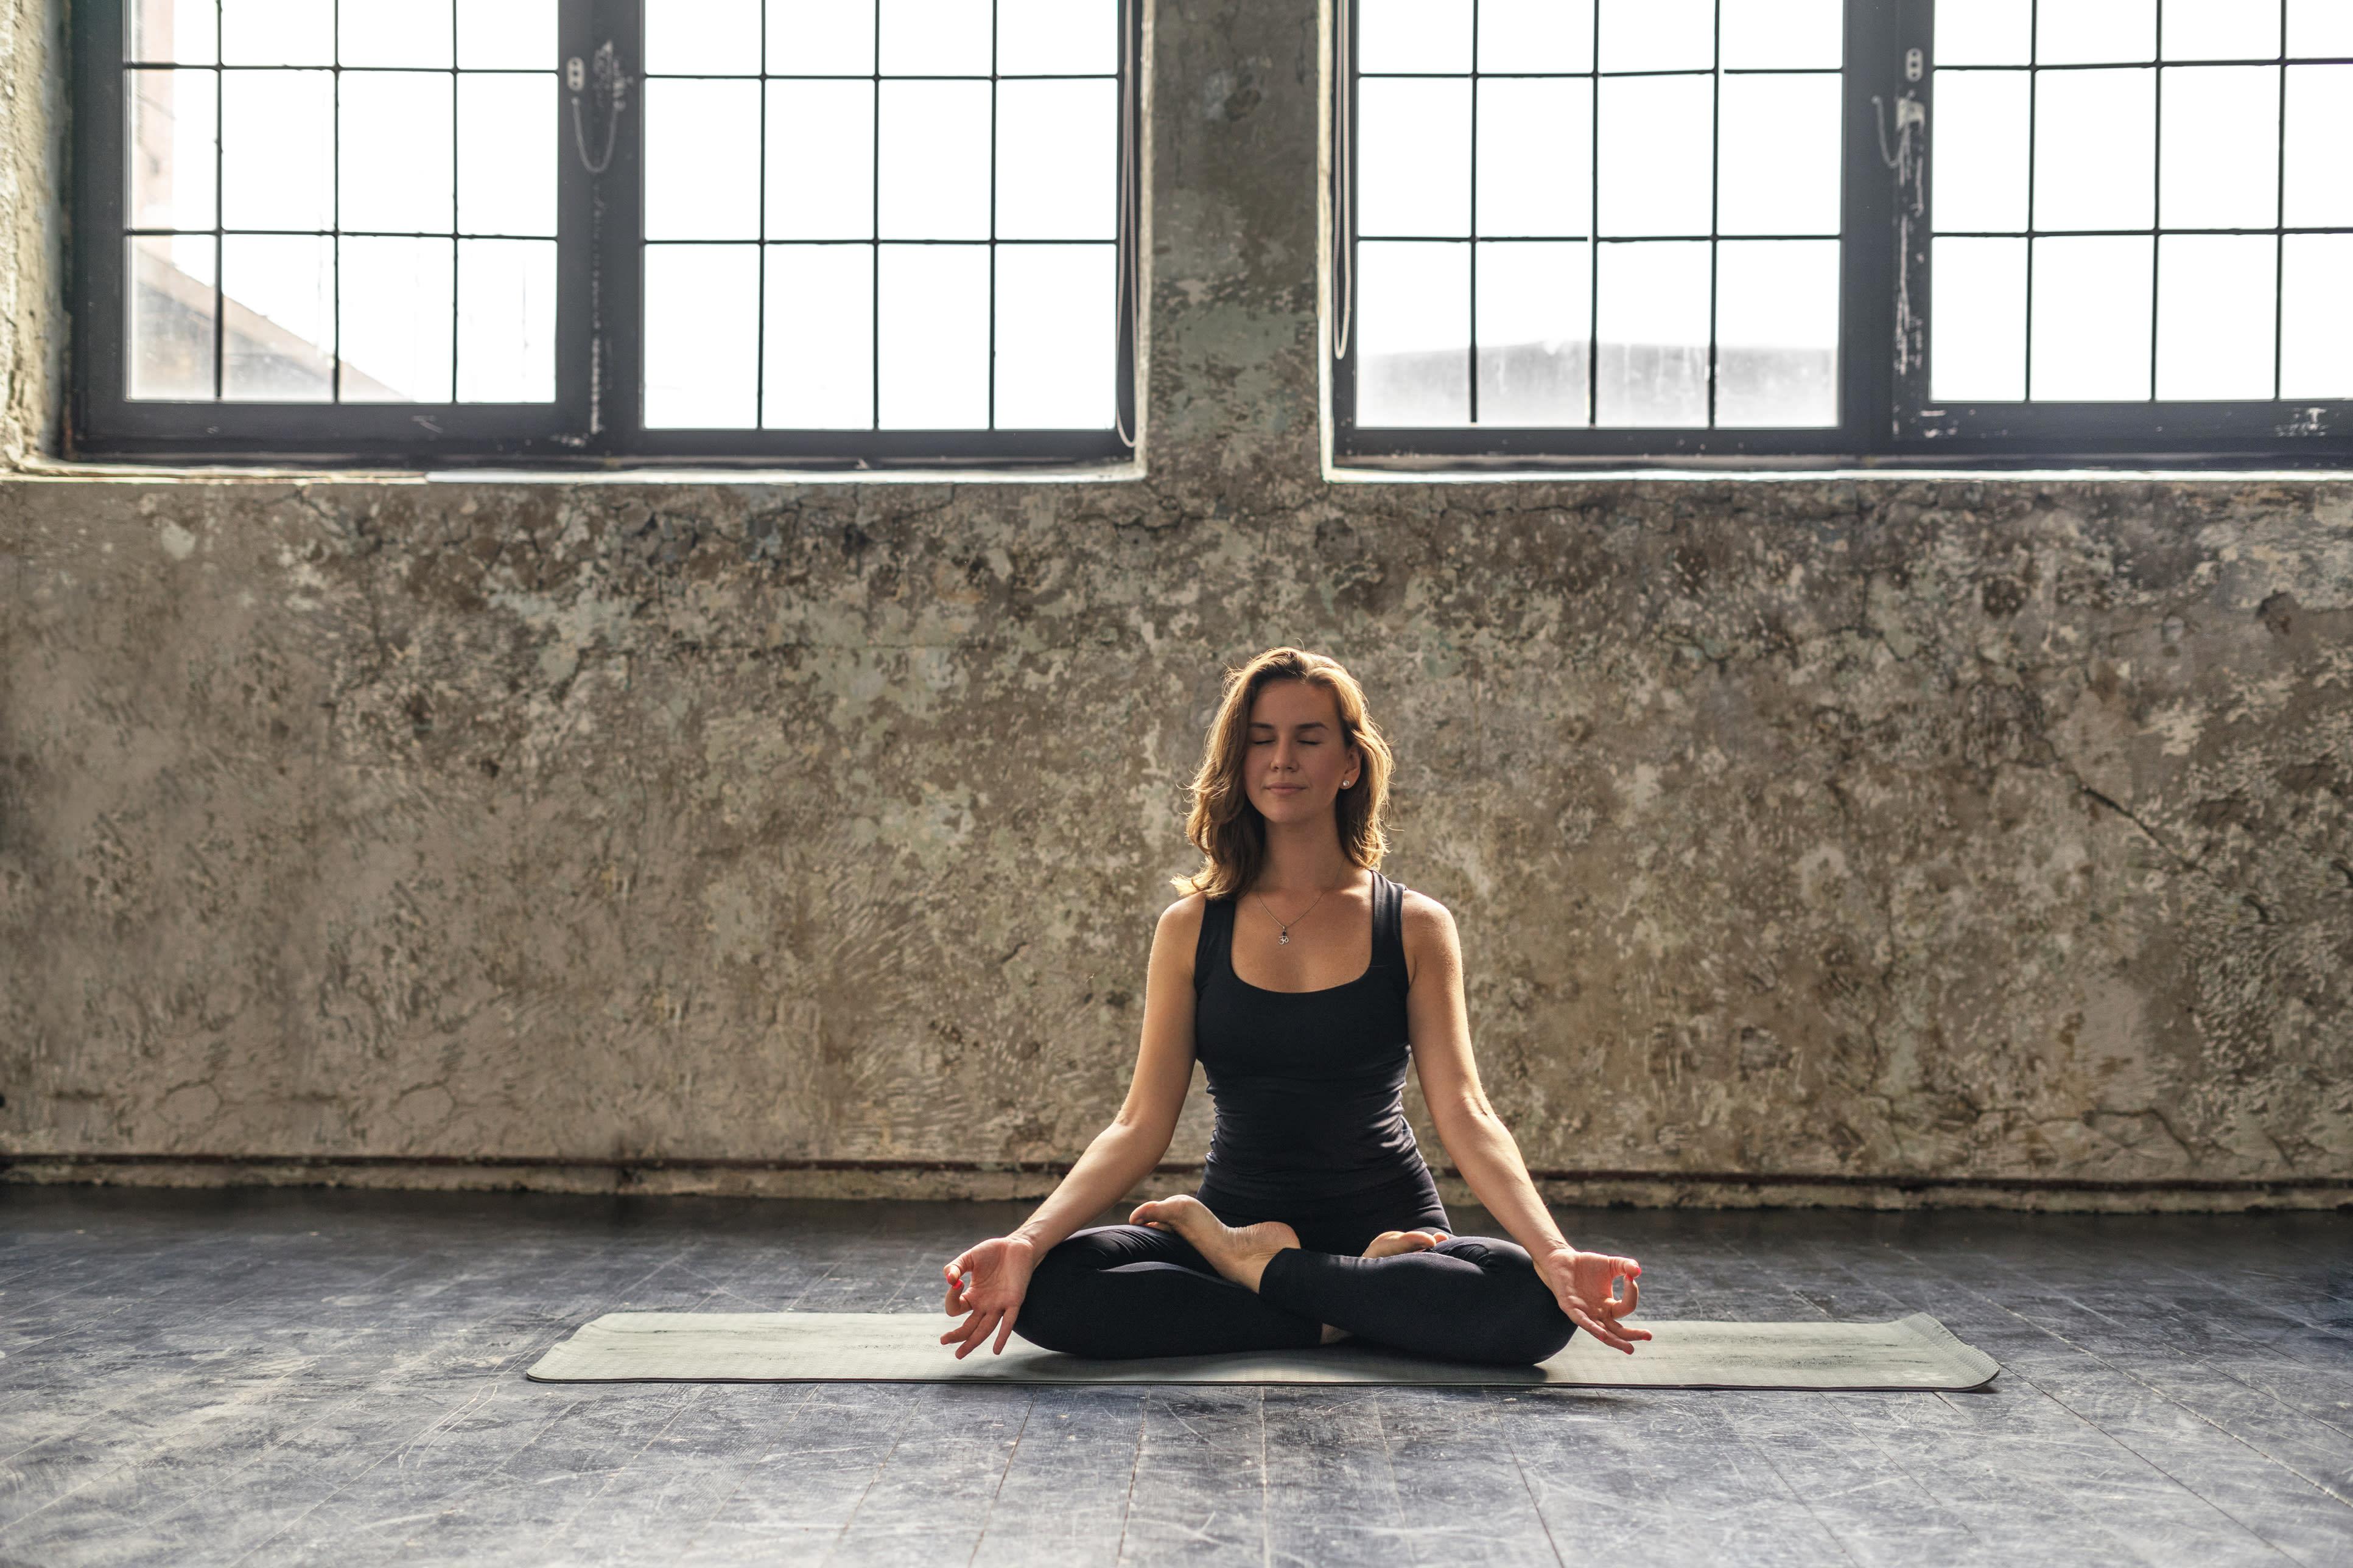 Kan yoga påvirke hvordan vi eldes?